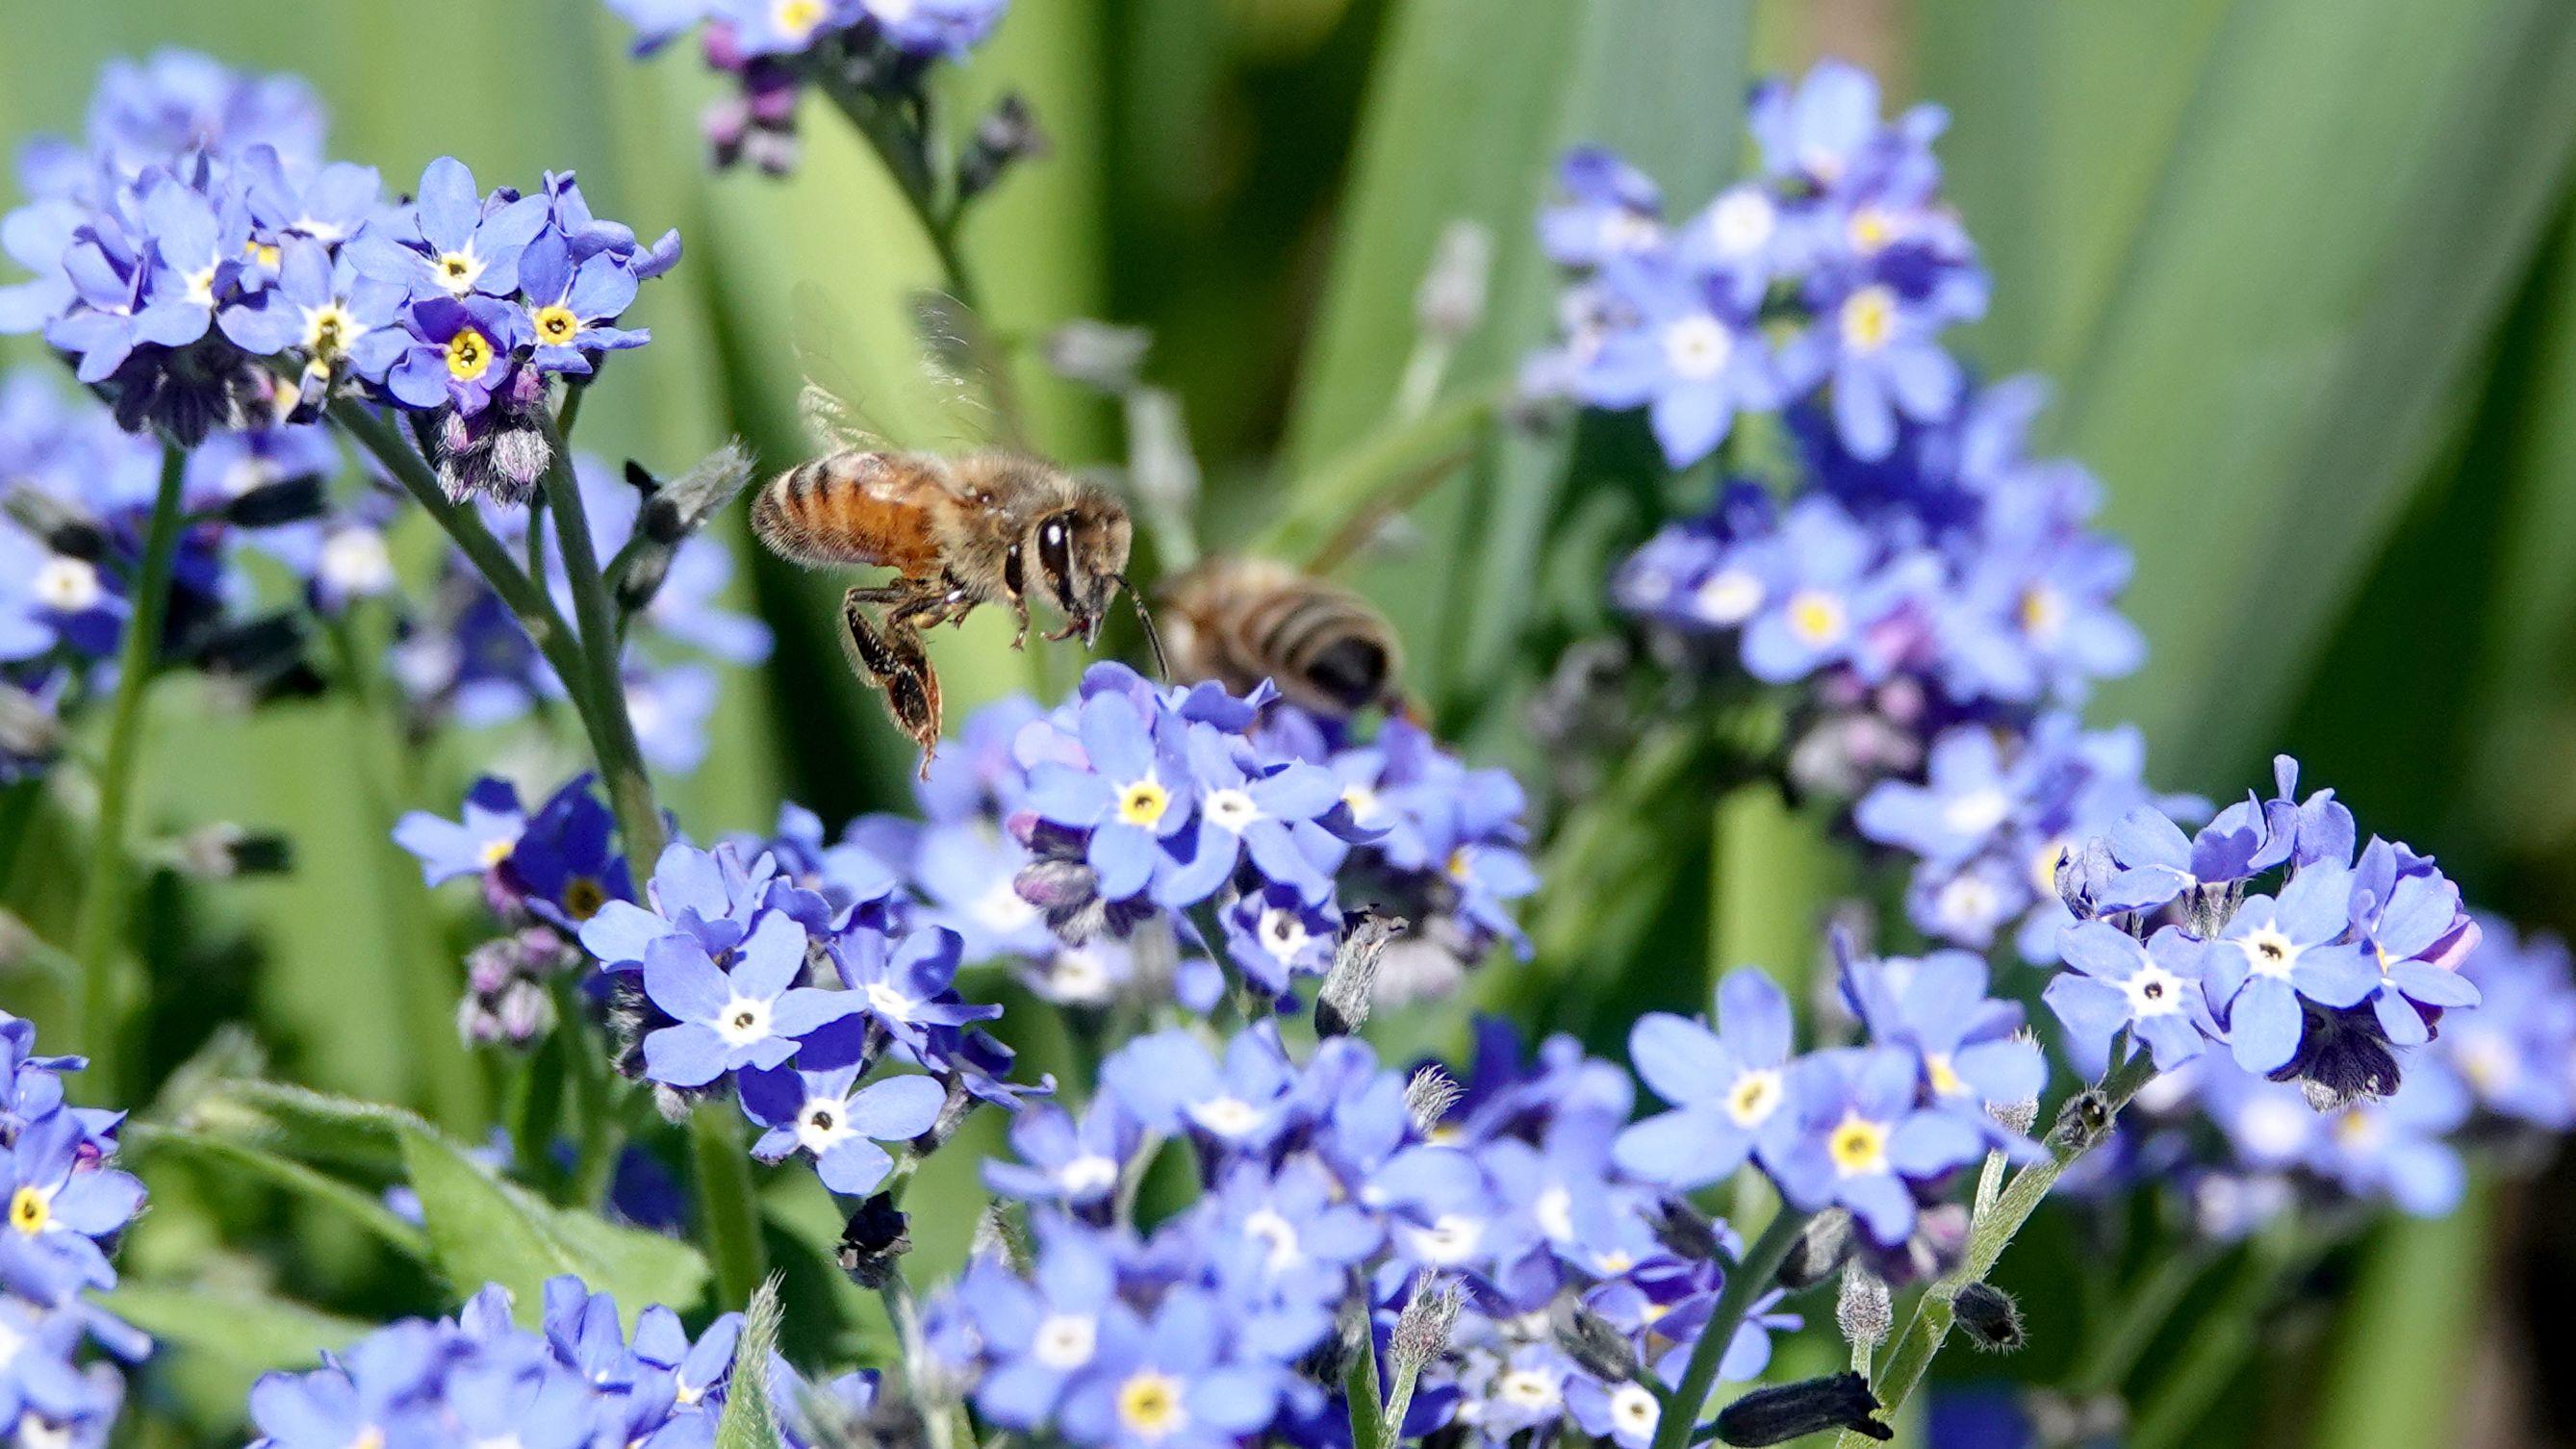 Eine Biene an Vergissmeinnicht-Blüten: Symbolbild für Artenvielfalt